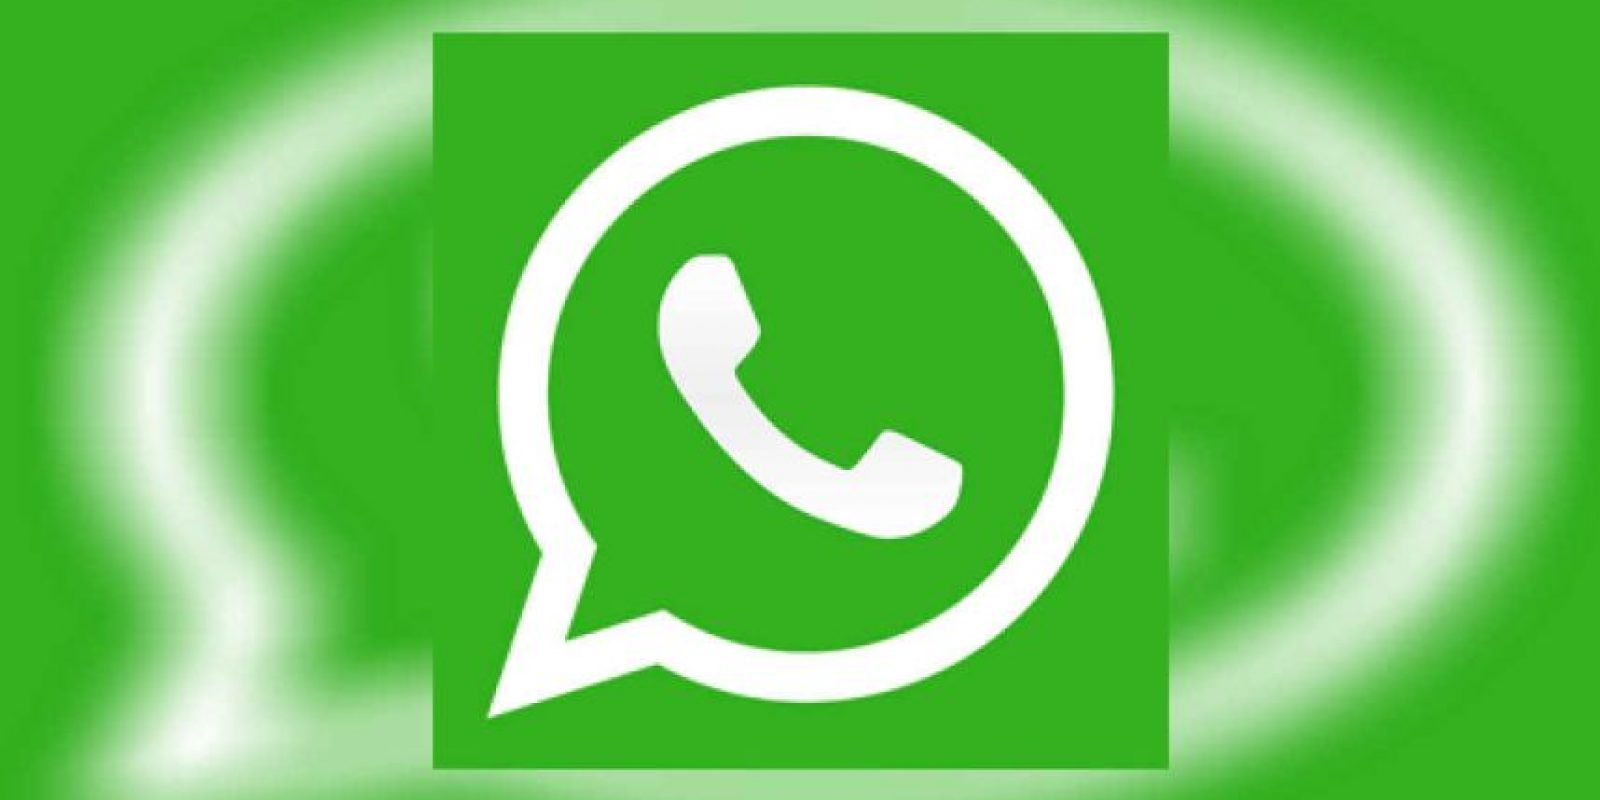 Las notificaciones dentro de los grupos pueden ser silenciadas. Foto:WhatsApp. Imagen Por: